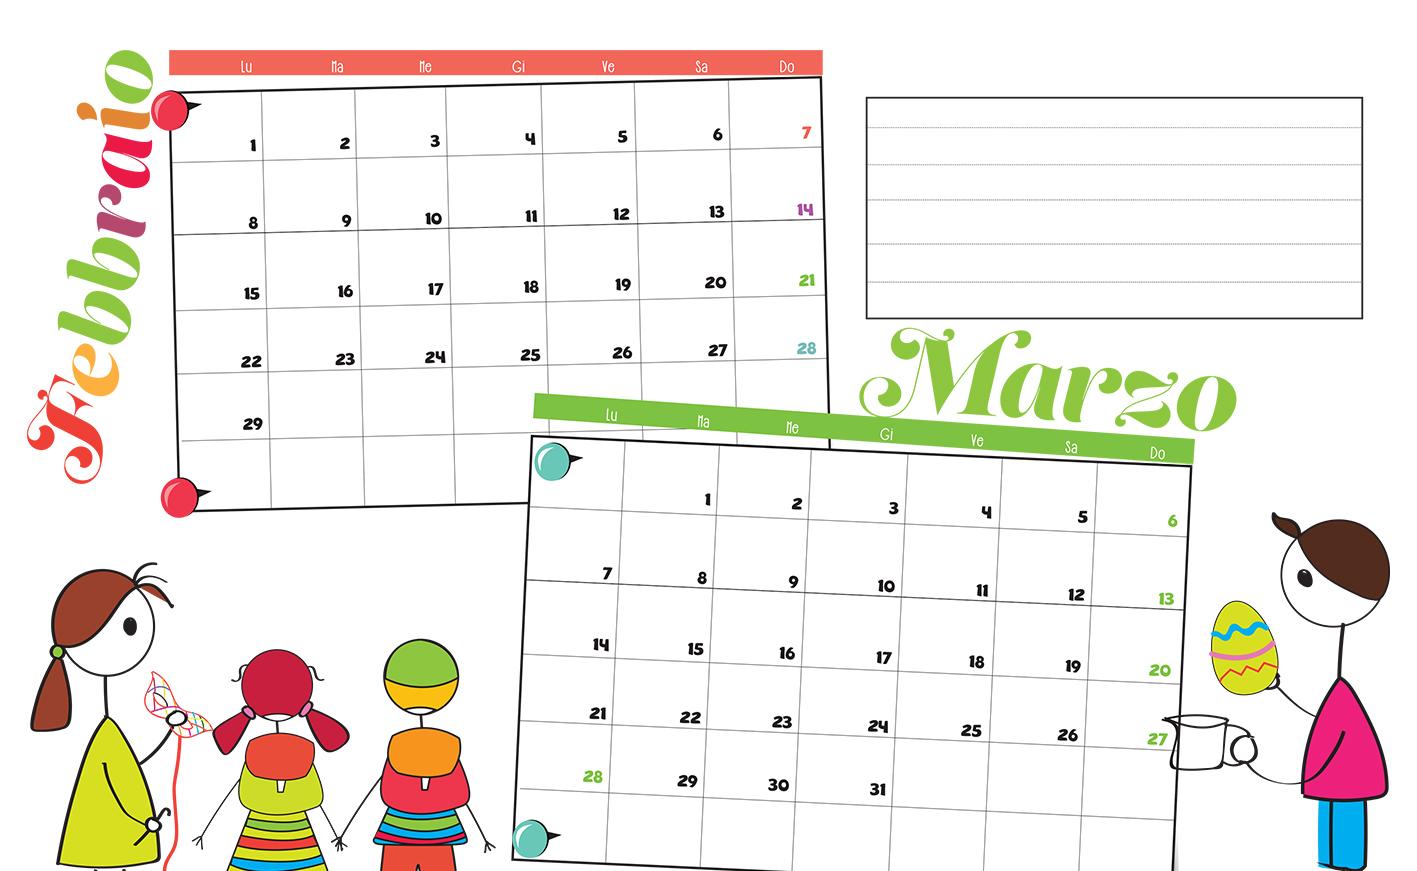 Calendario-scolastico-Febb-Marzo-16-elegrafica.indd